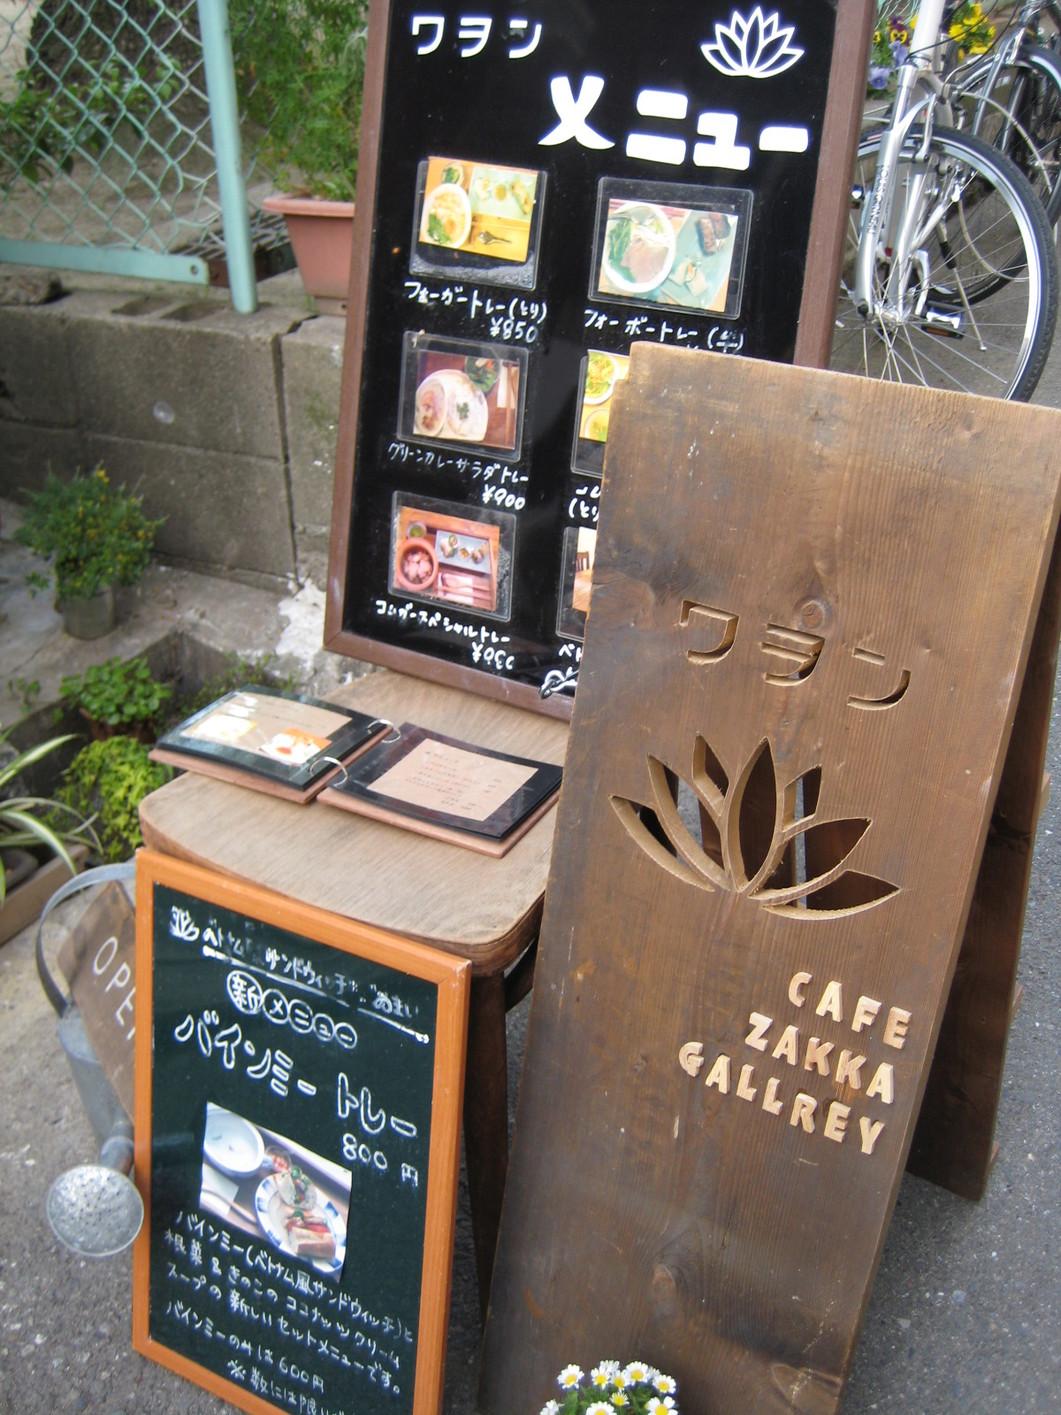 モノカフェ ワヲン